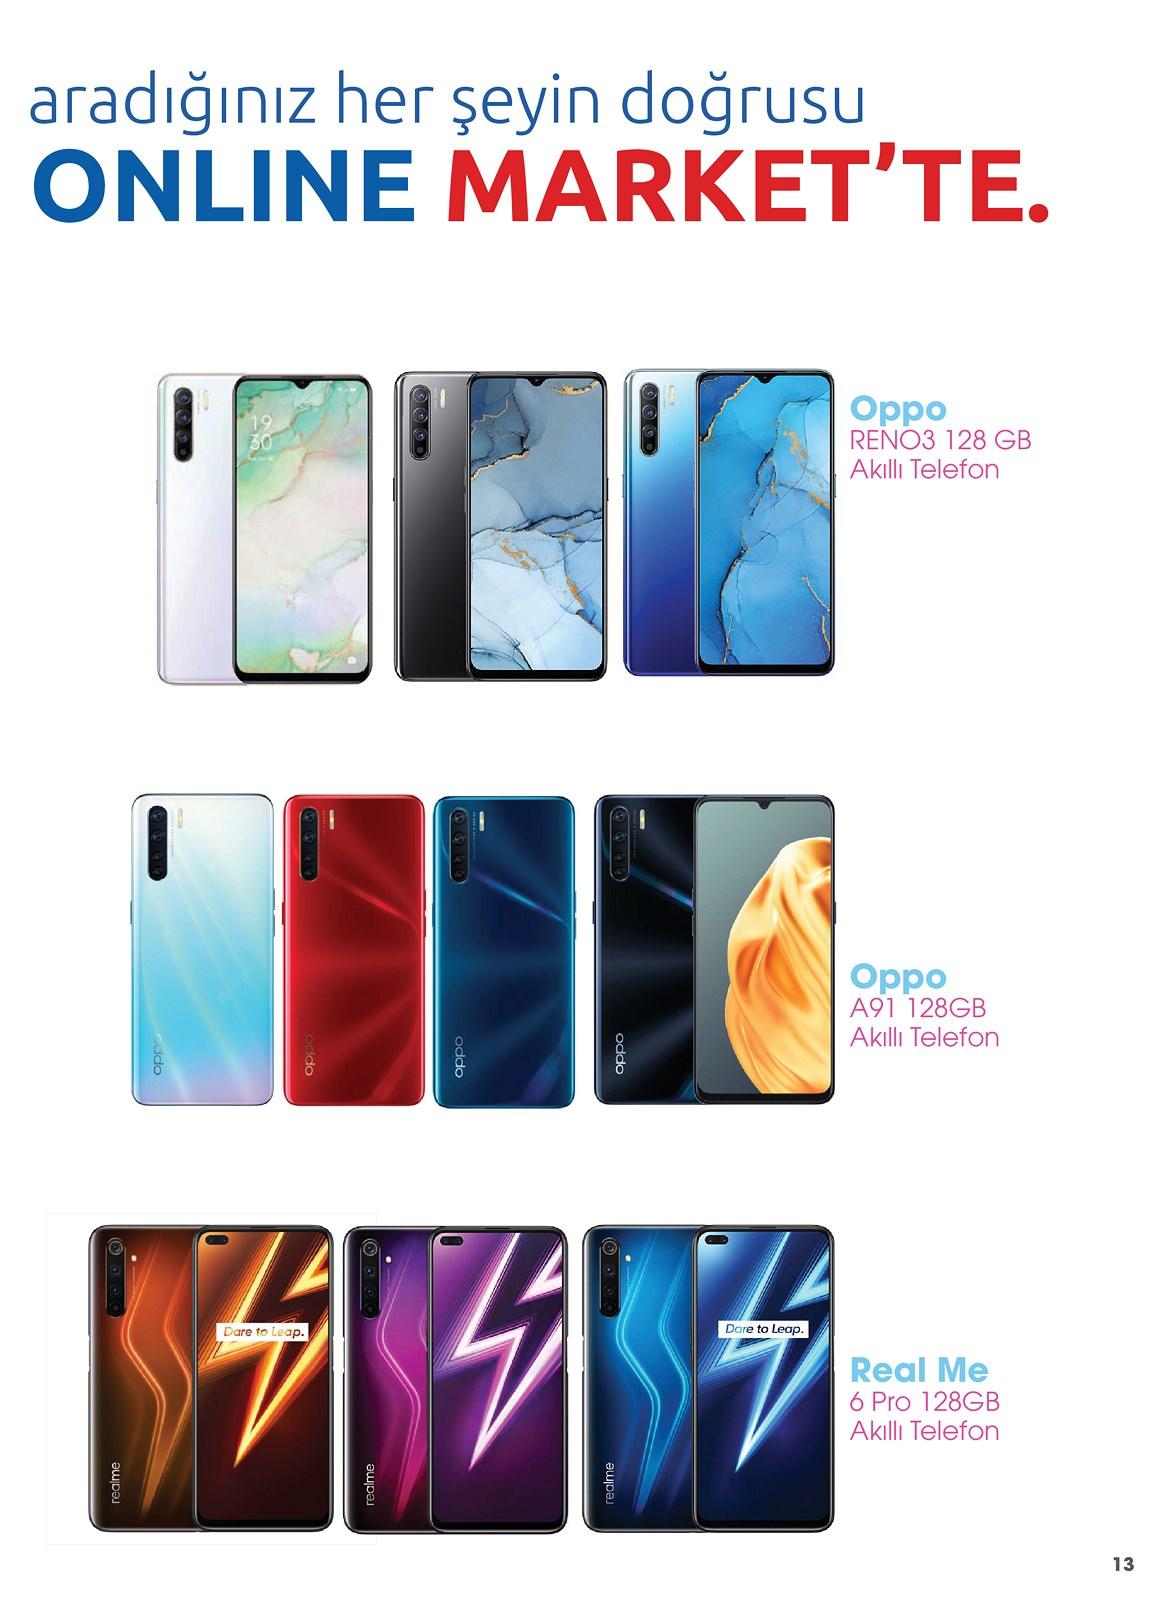 01.01.2021 CarrefourSA broşürü 13. sayfa